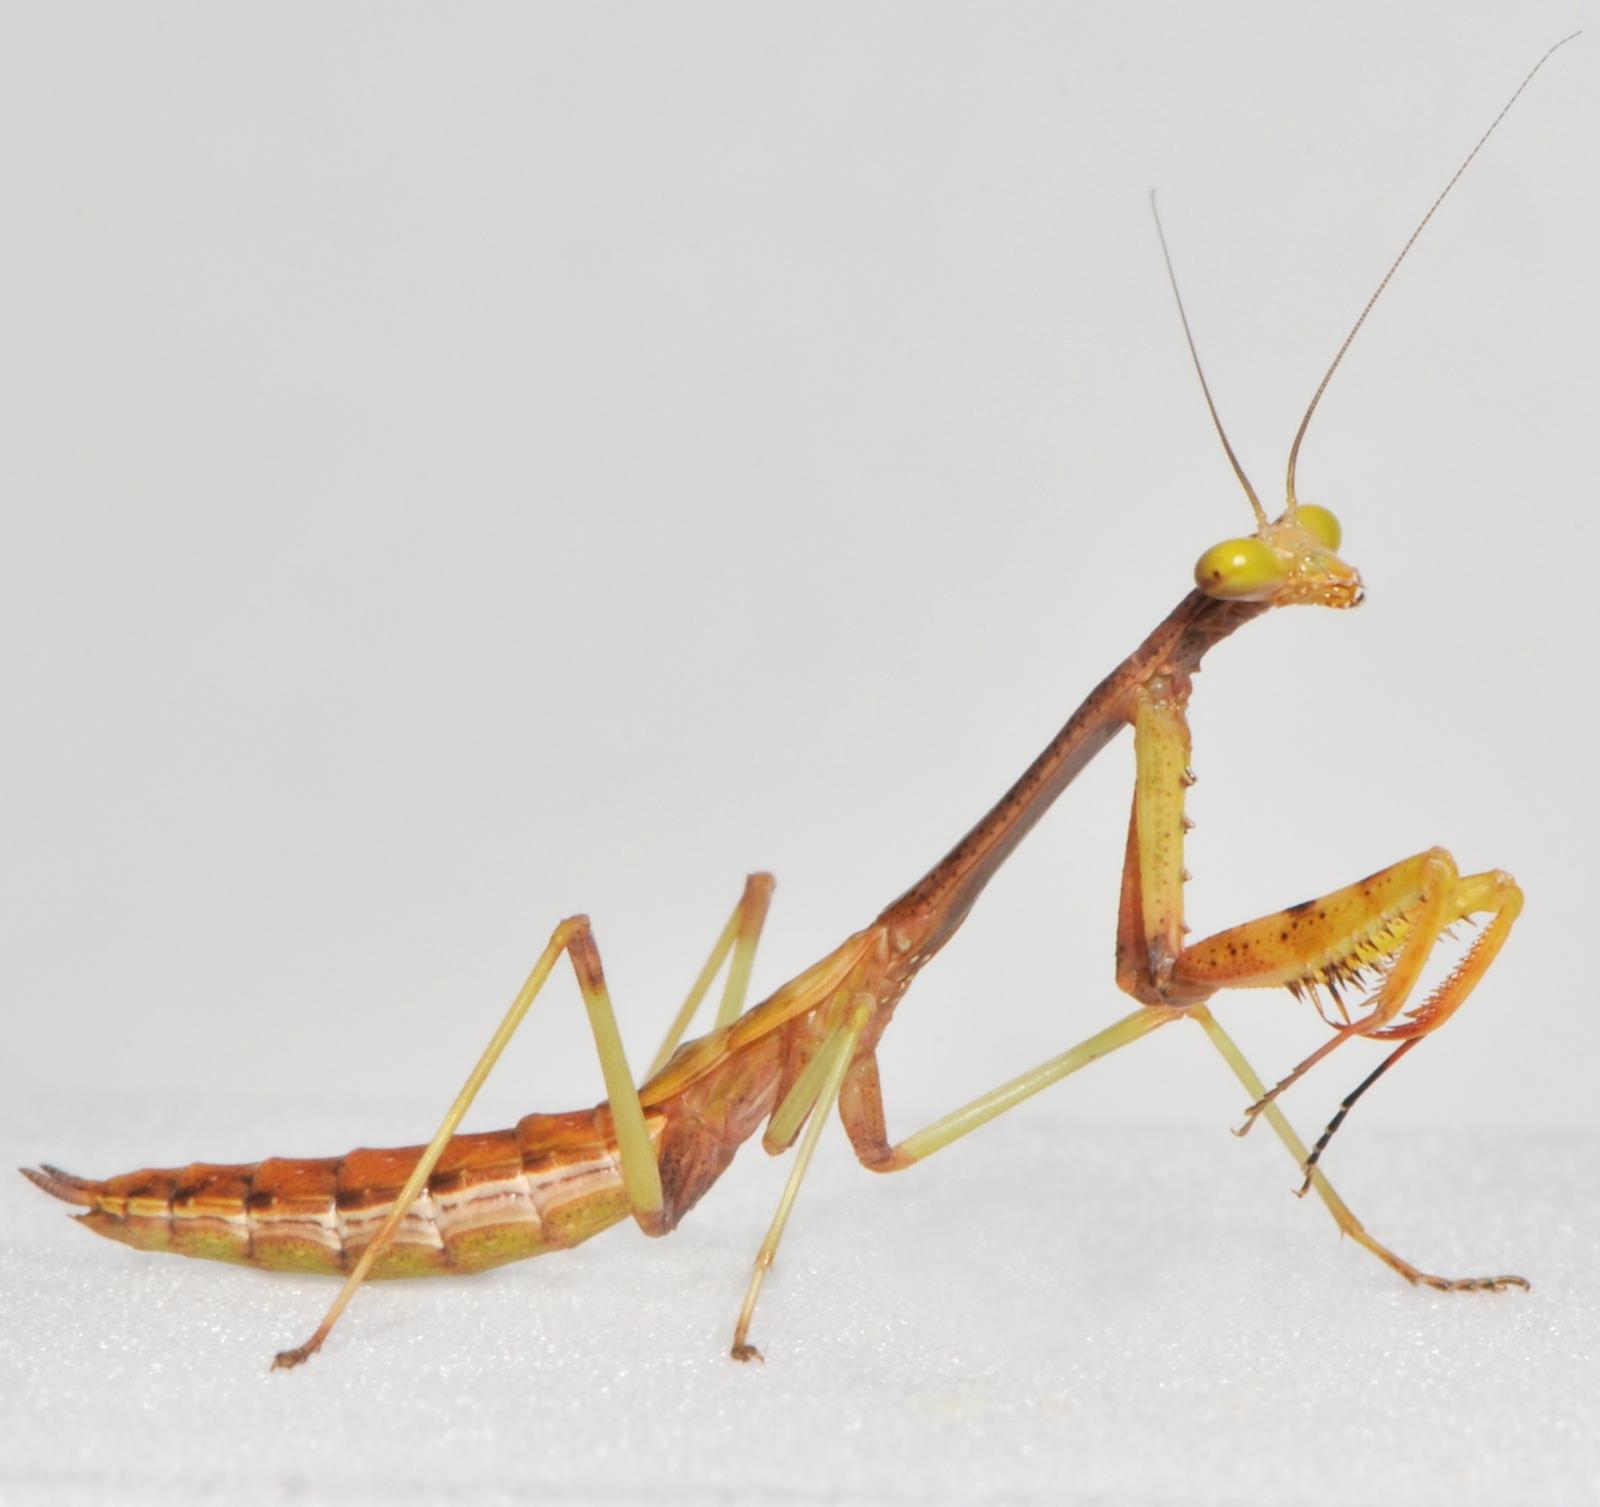 praying mantis jumping